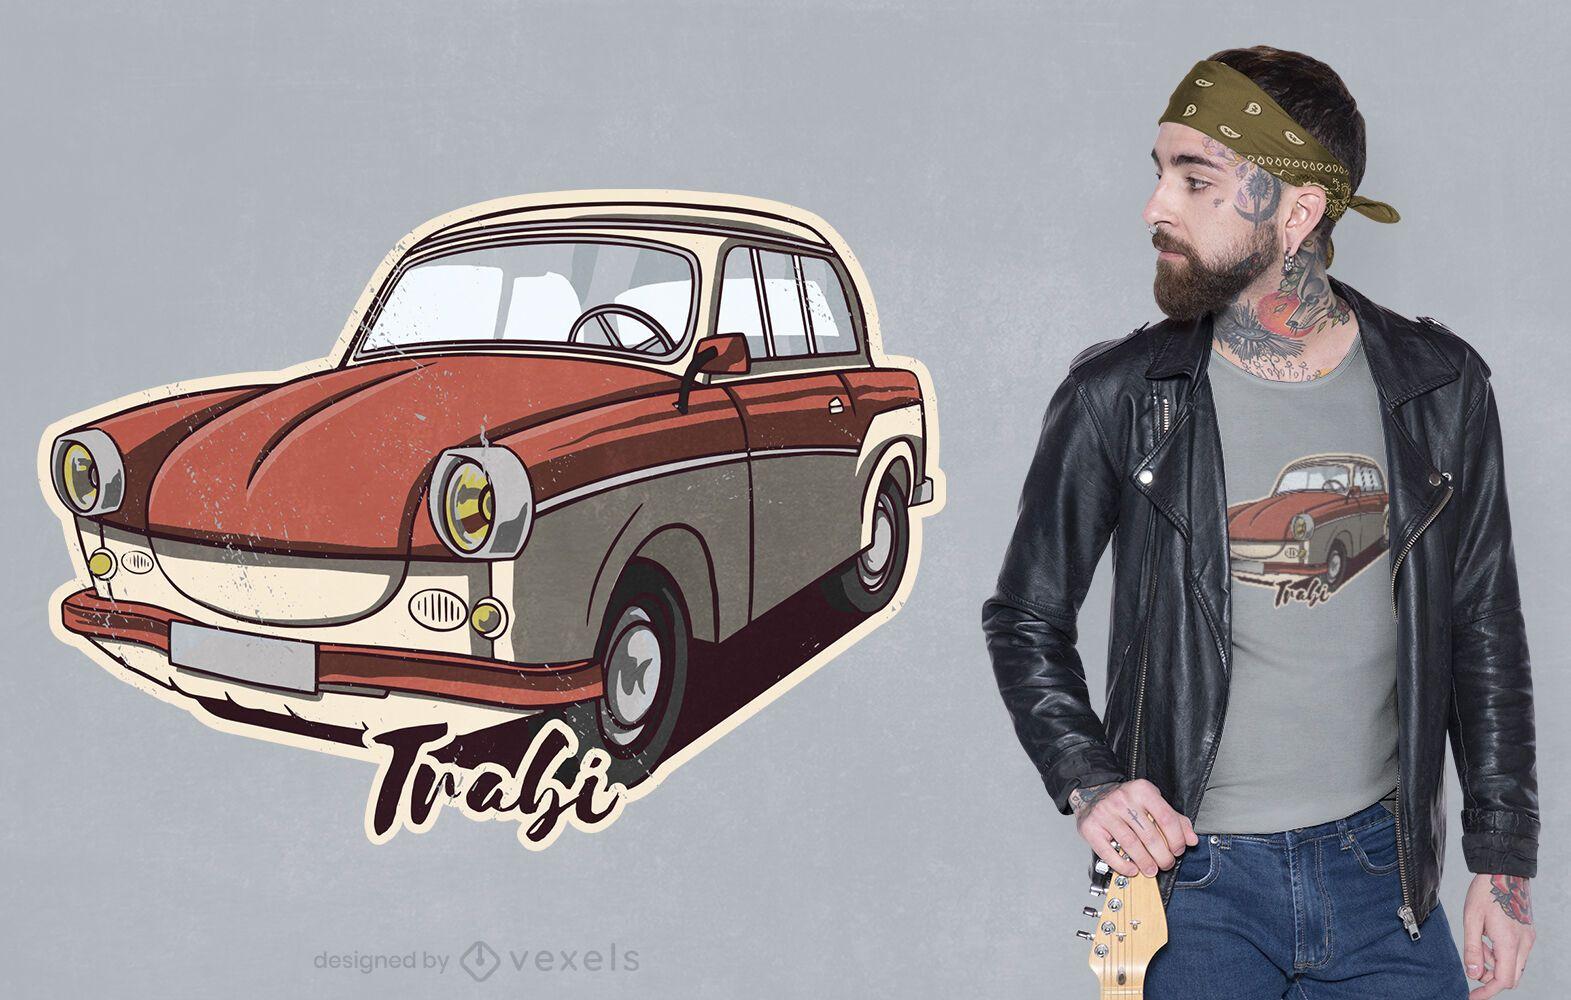 Vintage classic car t-shirt design